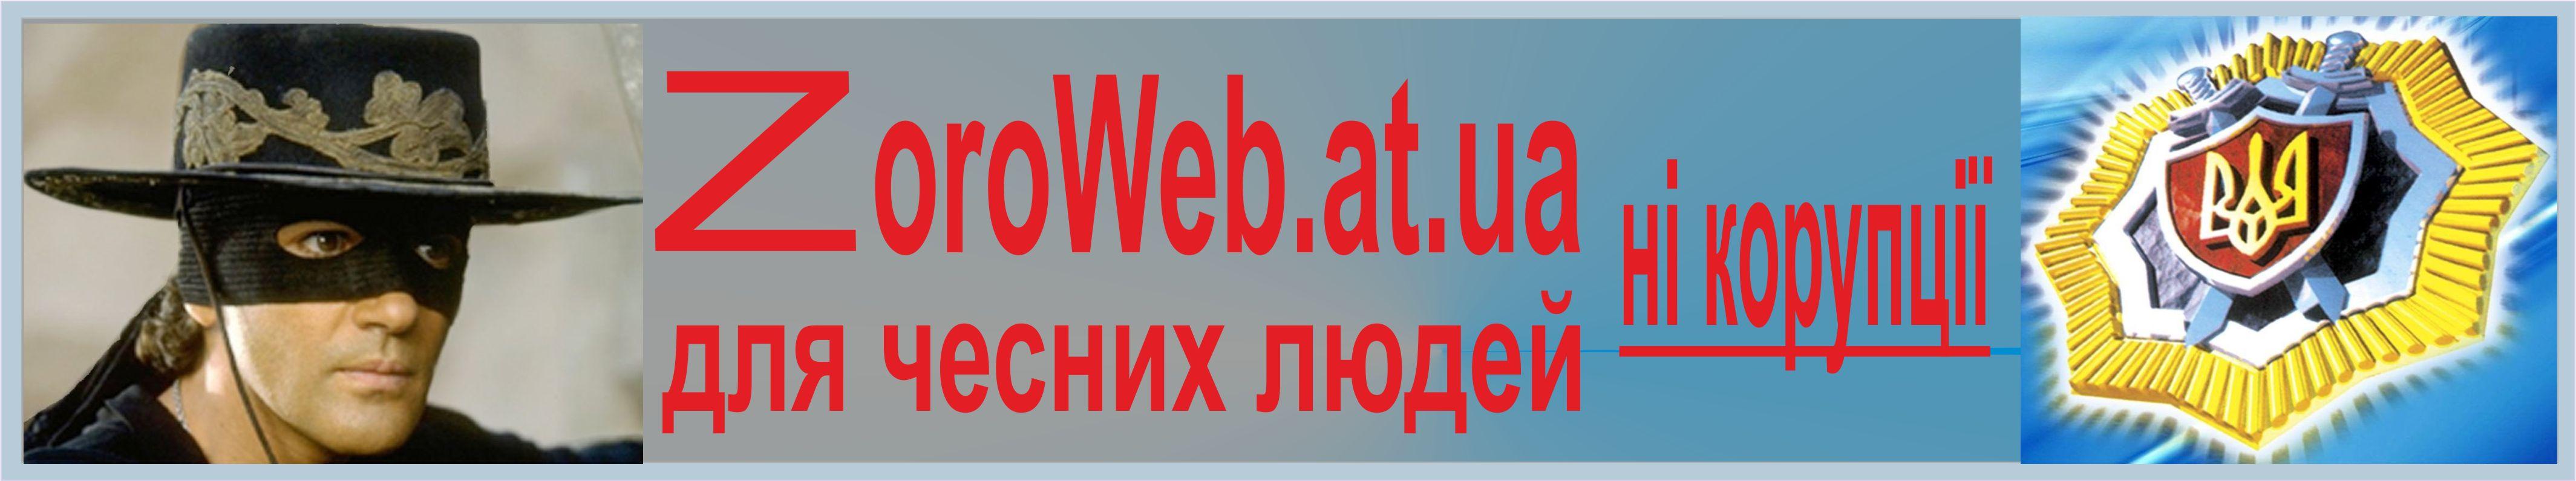 Антикорупційний сайт